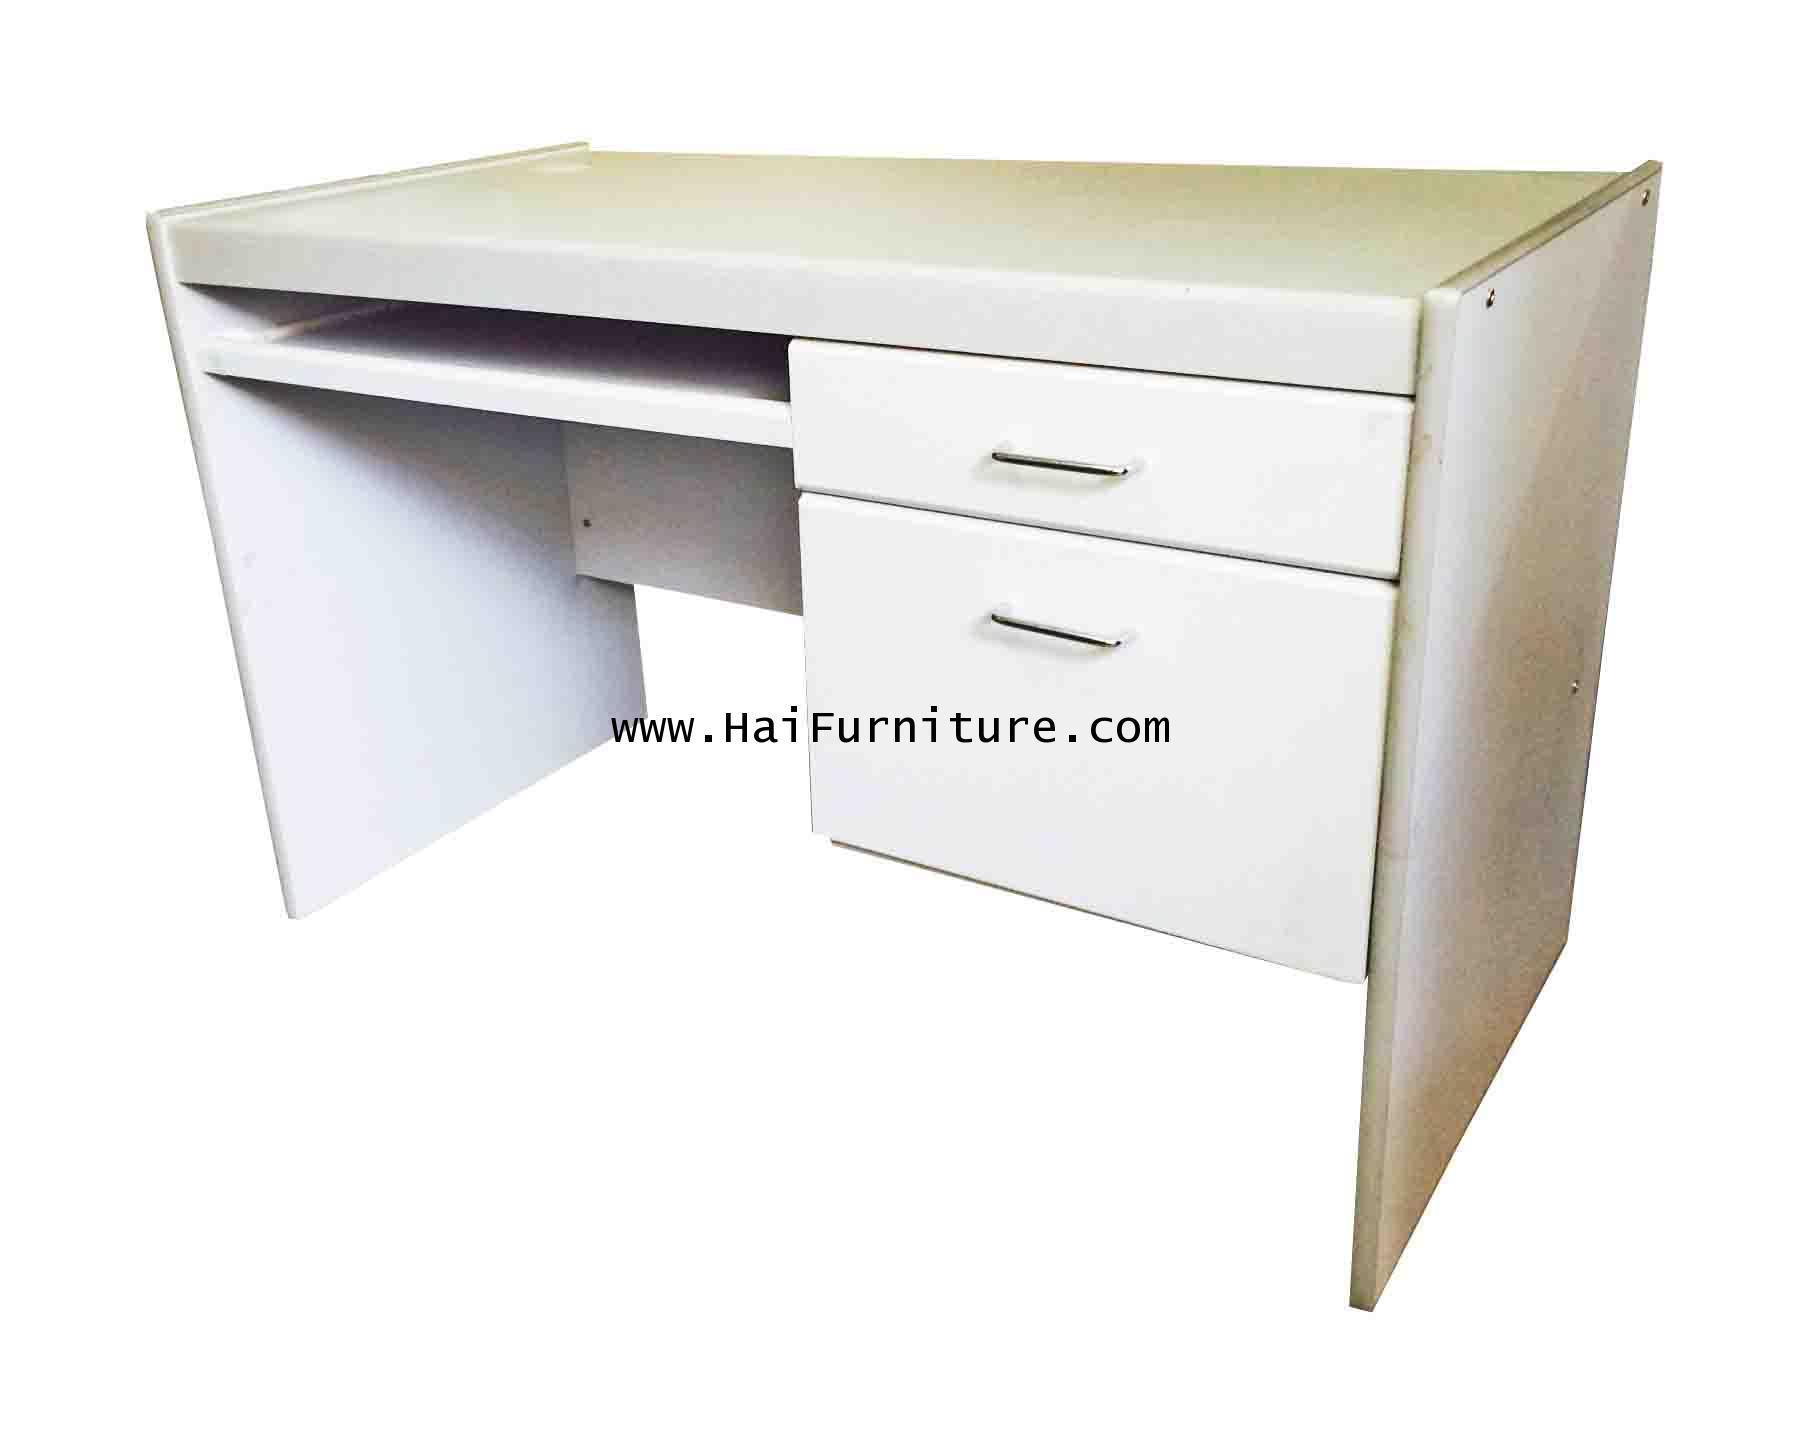 โต๊ะคอมพิวเตอร์ 120 ซม. PVC ทรายเทา